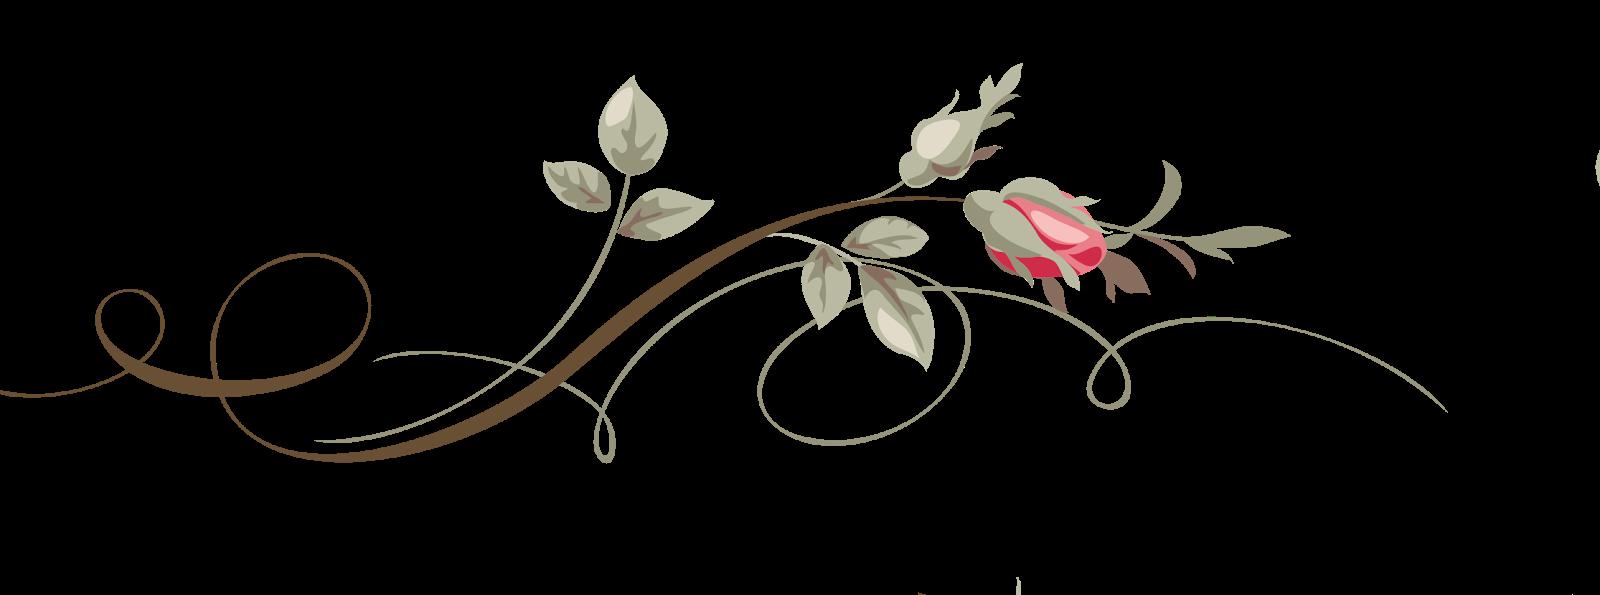 Grátis arabesco floral para baixar - Graça Layouts Design